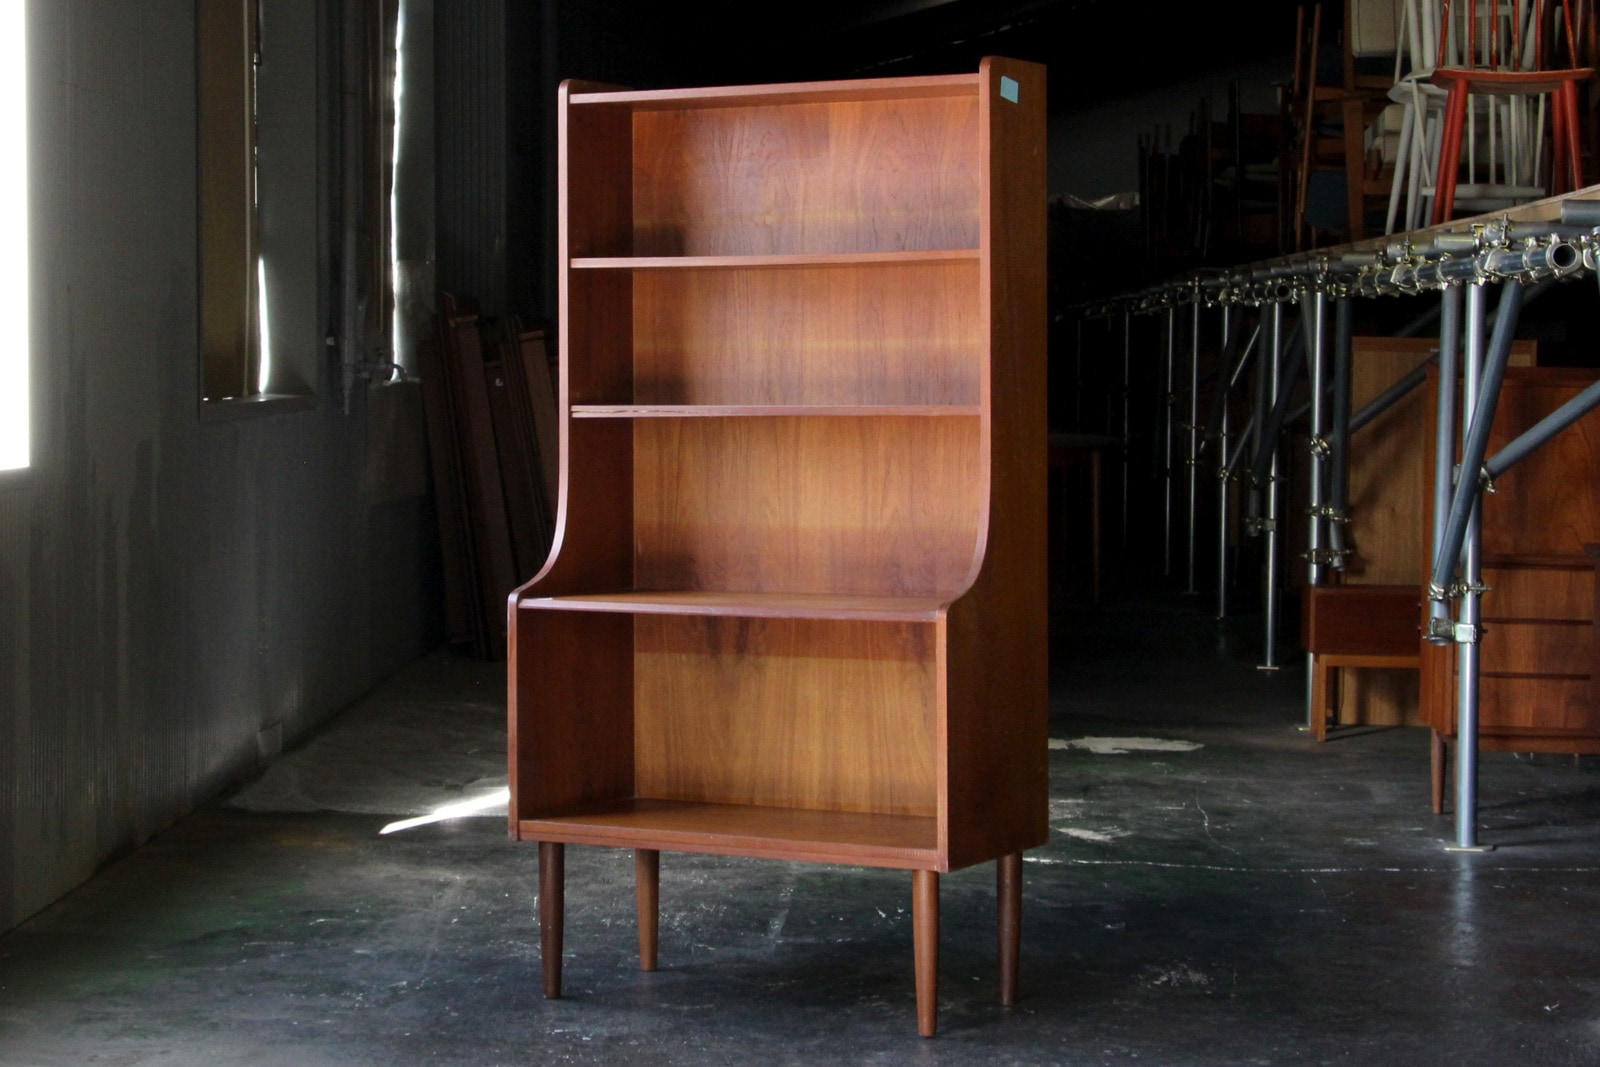 北欧,デンマーク,家具,ブック,シェルフ,本棚